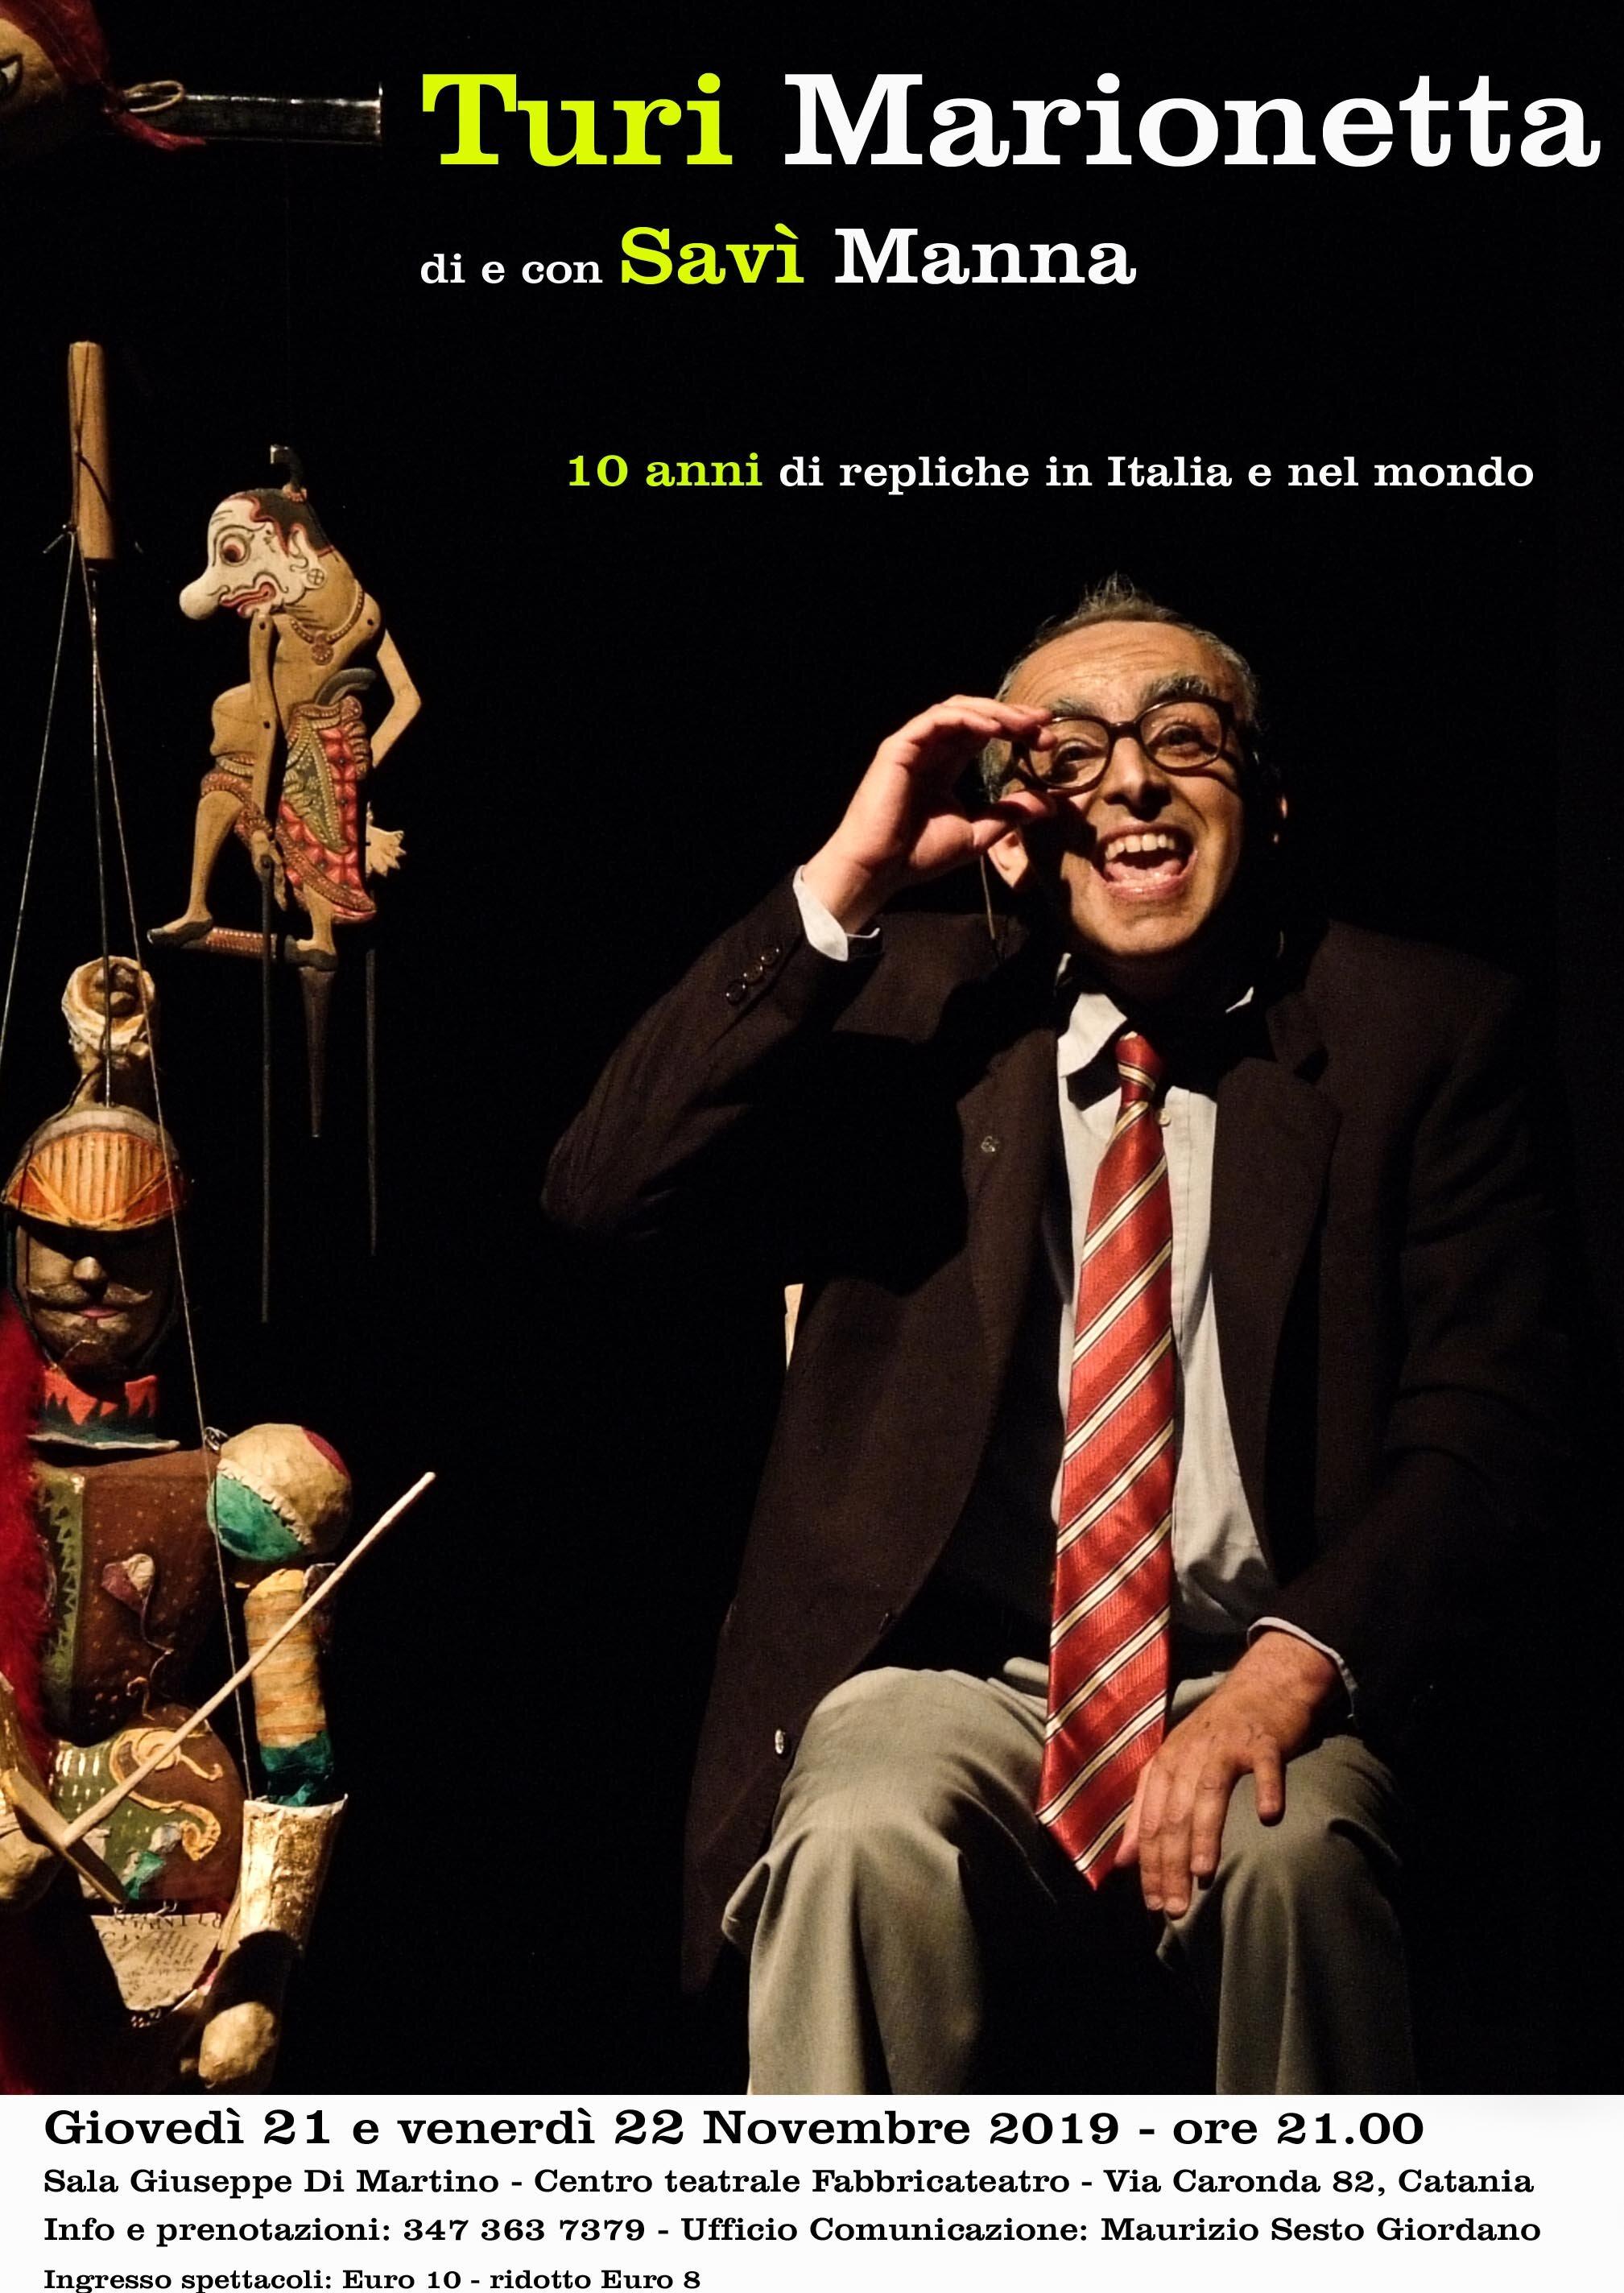 Turi Marionetta: lo spettacolo festeggia i suoi 10 anni a Catania, dove tutto è cominciato